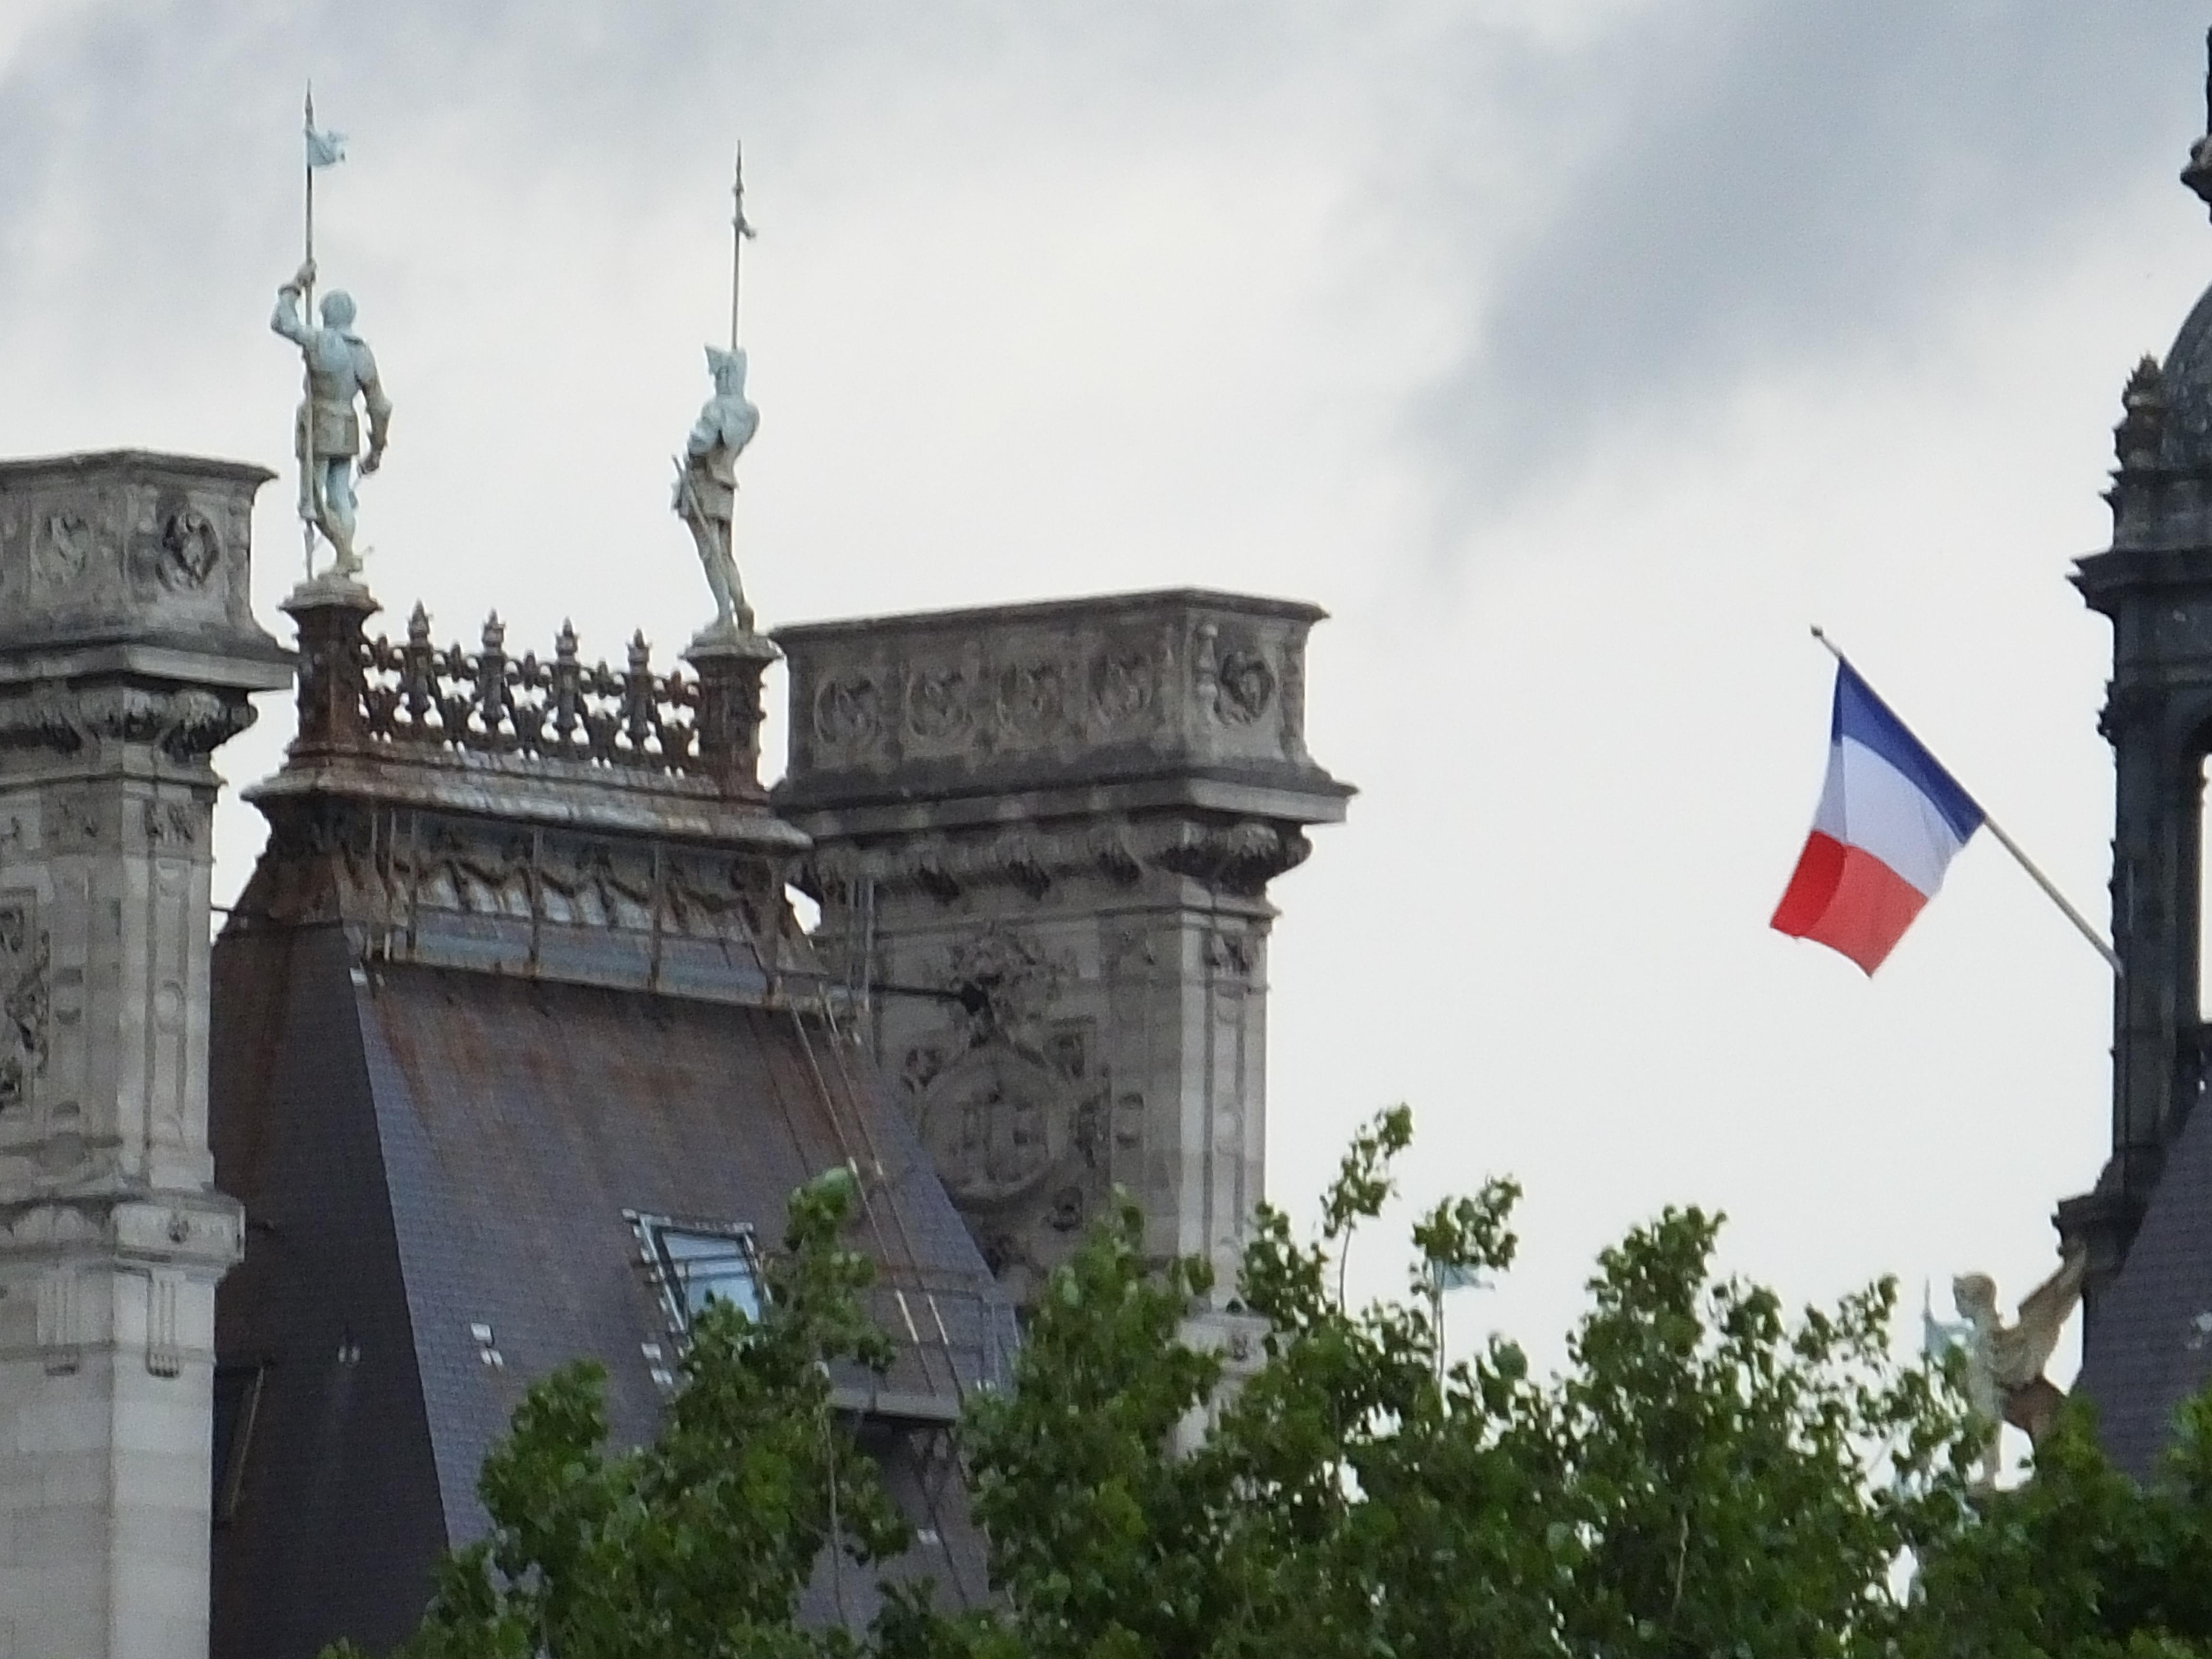 Close-up of L'Hotel de Ville, the Paris City Hall